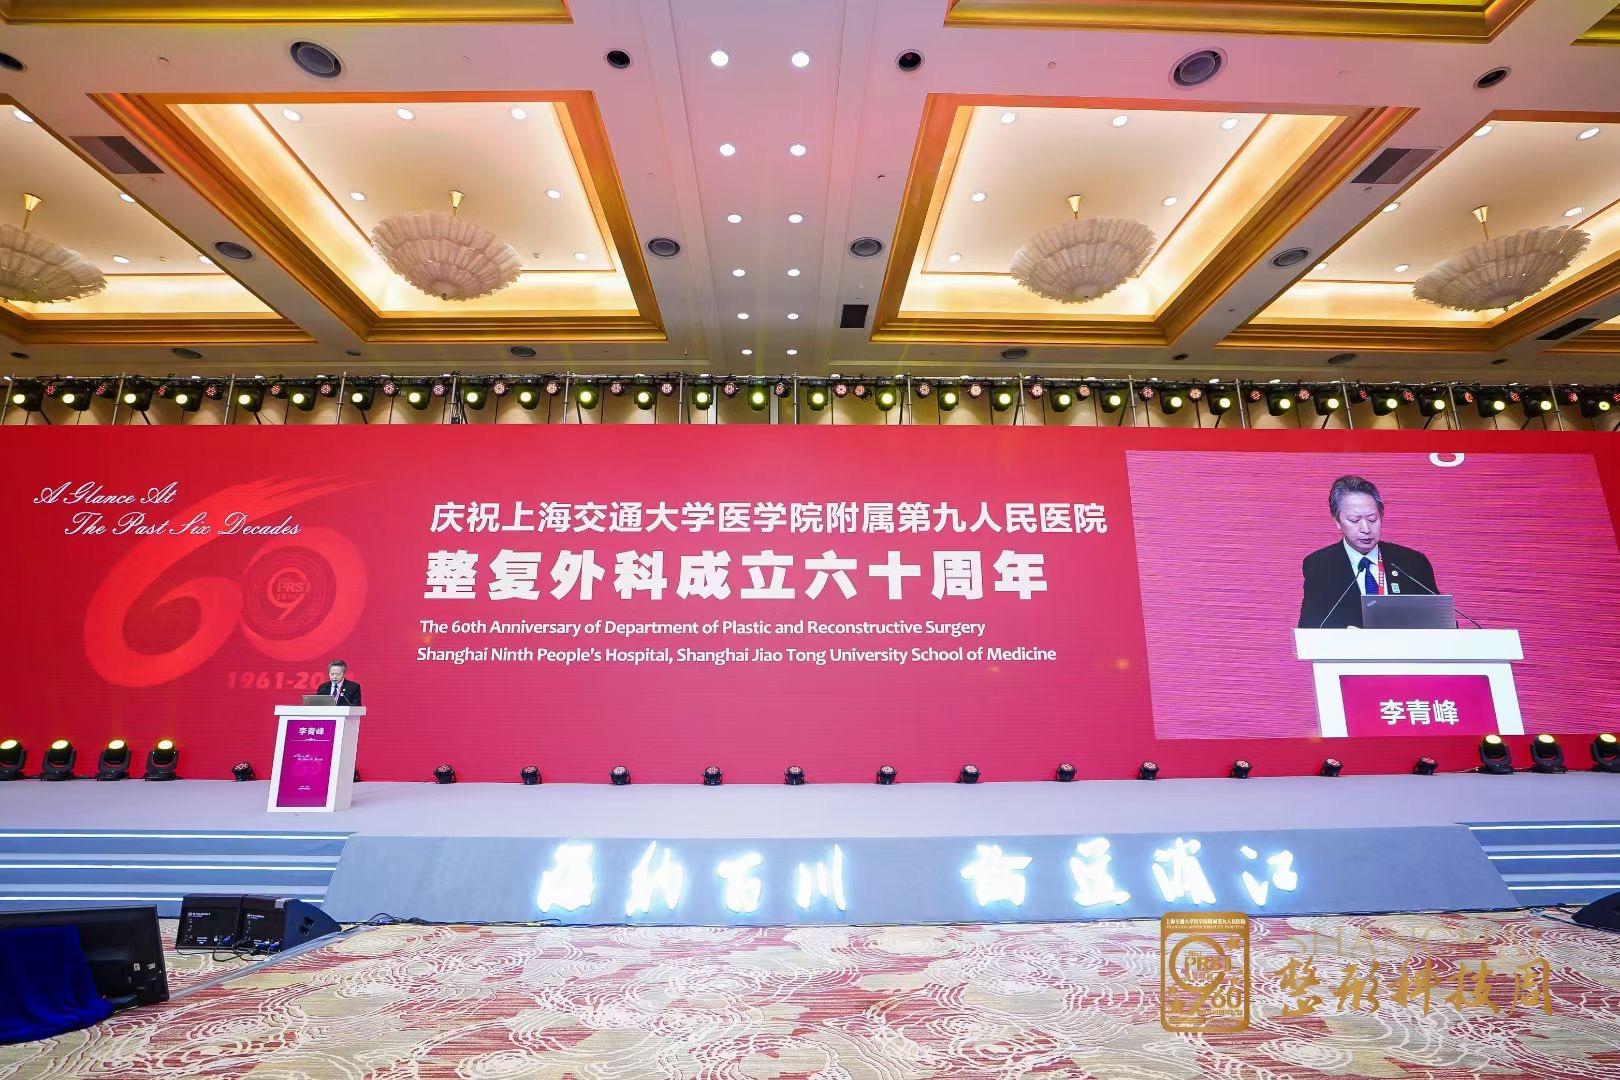 熱烈慶祝上海九院整復外科建科60周年